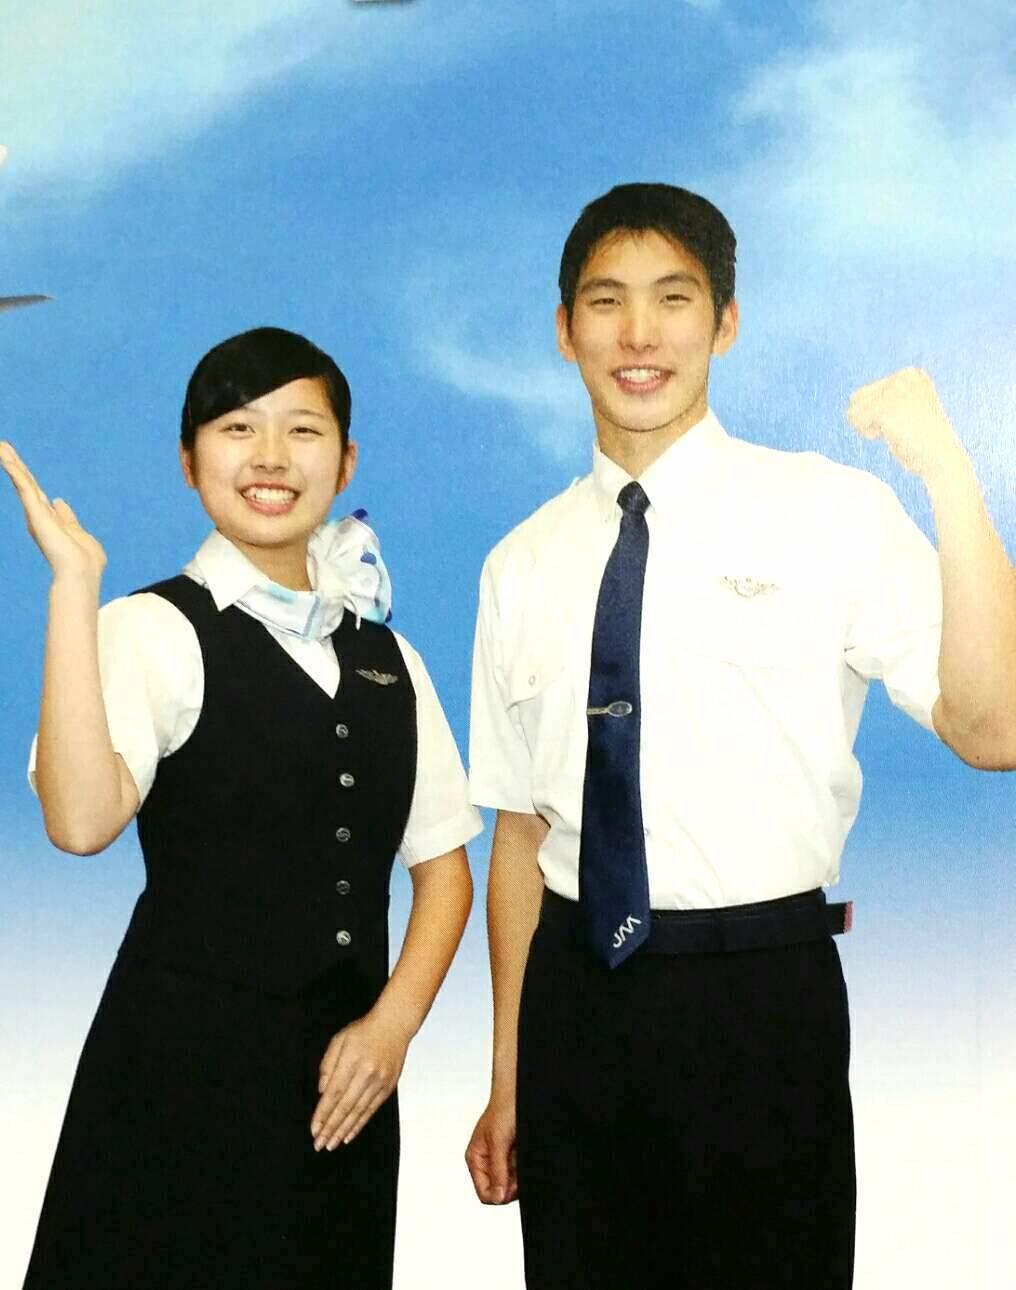 甲子園で大活躍の熱いパワーがバンコクにも上陸!♪【日本航空高等学校】